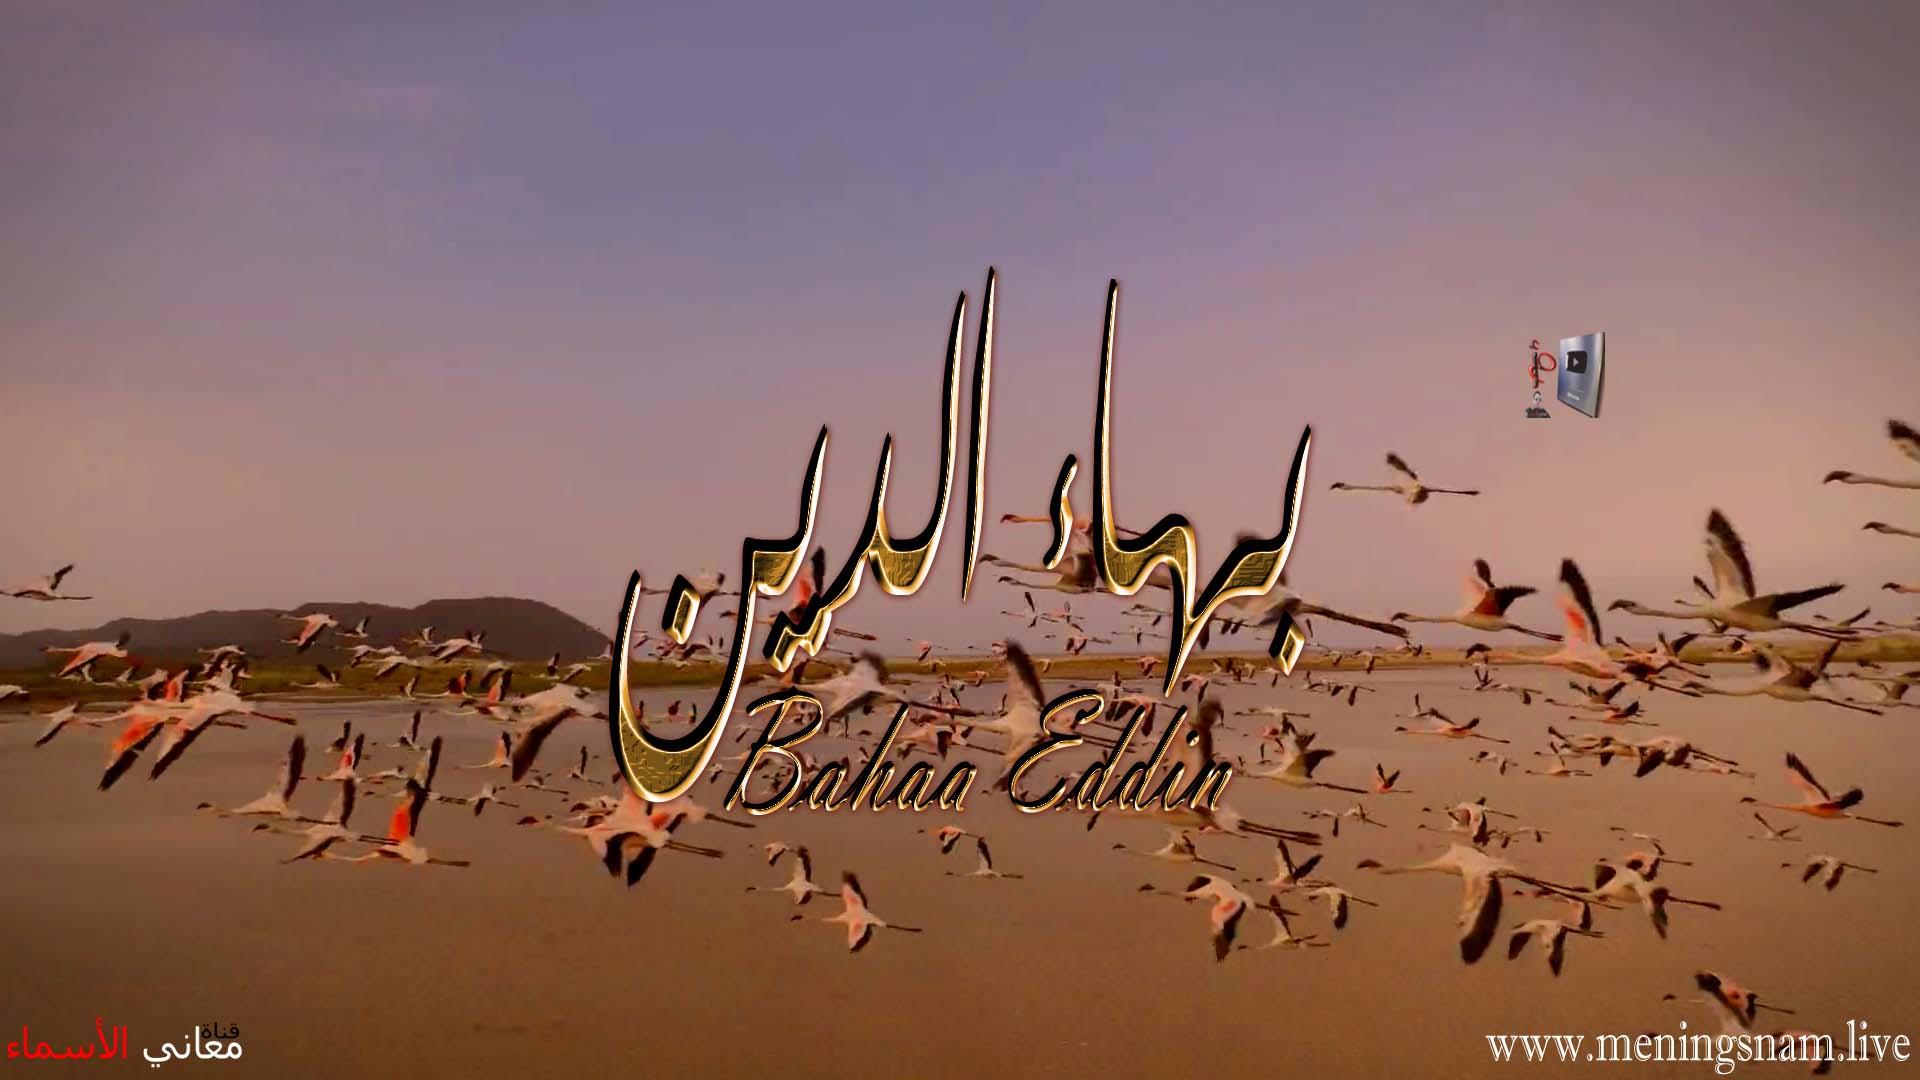 معنى اسم بهاء الدين وصفات حامل هذا الاسم Bahaa Eddin